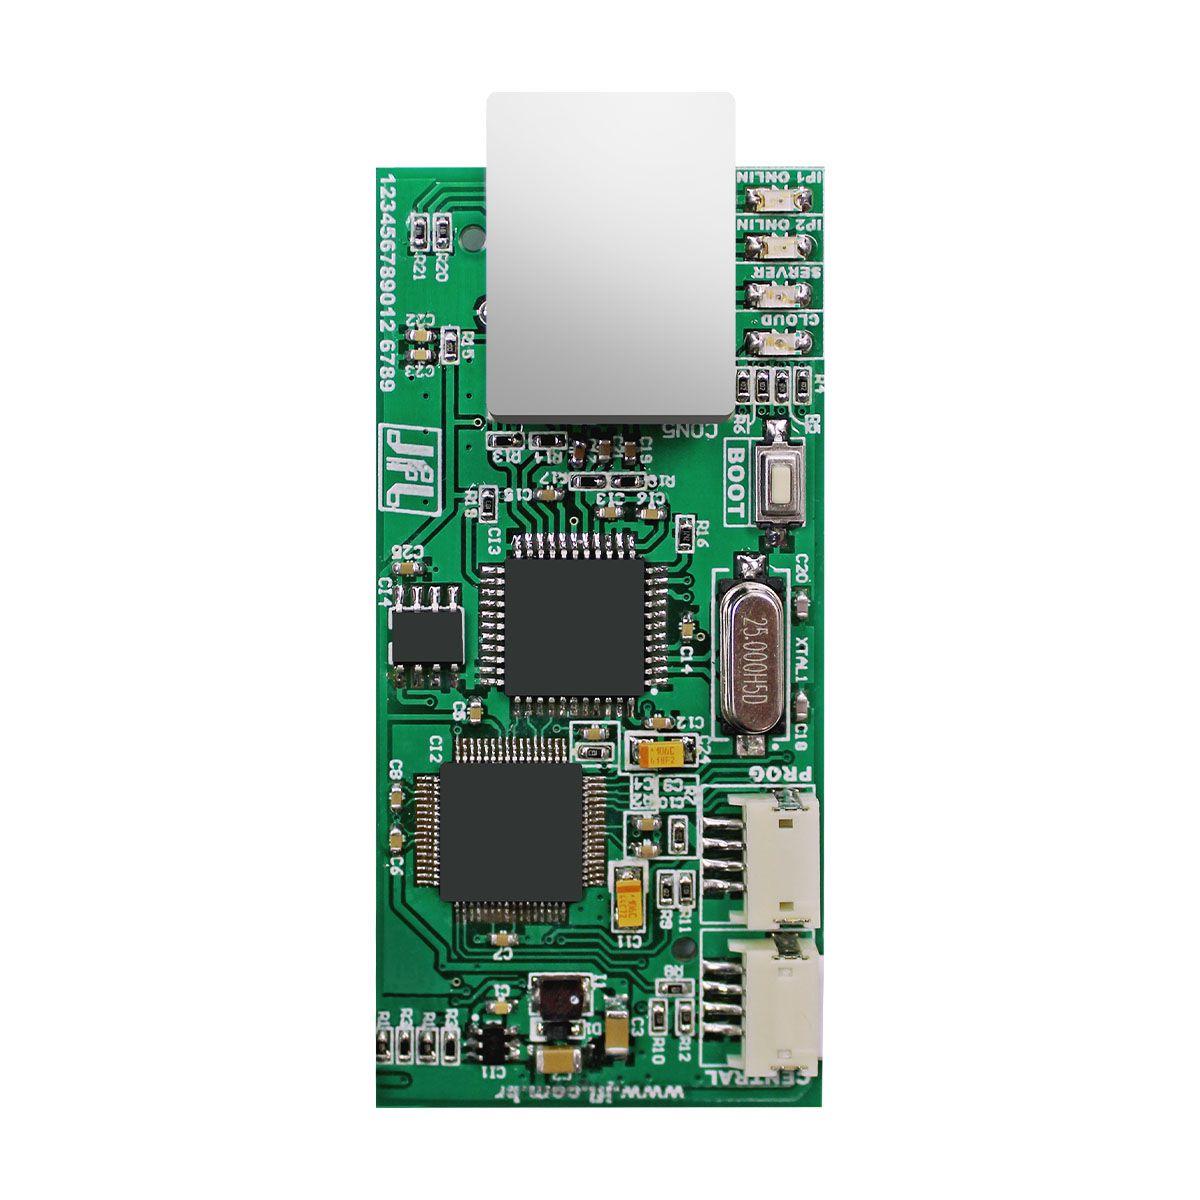 Kit Alarme Smart Cloud 18 Jfl Com Sensor Ird 640 e Shc Fit